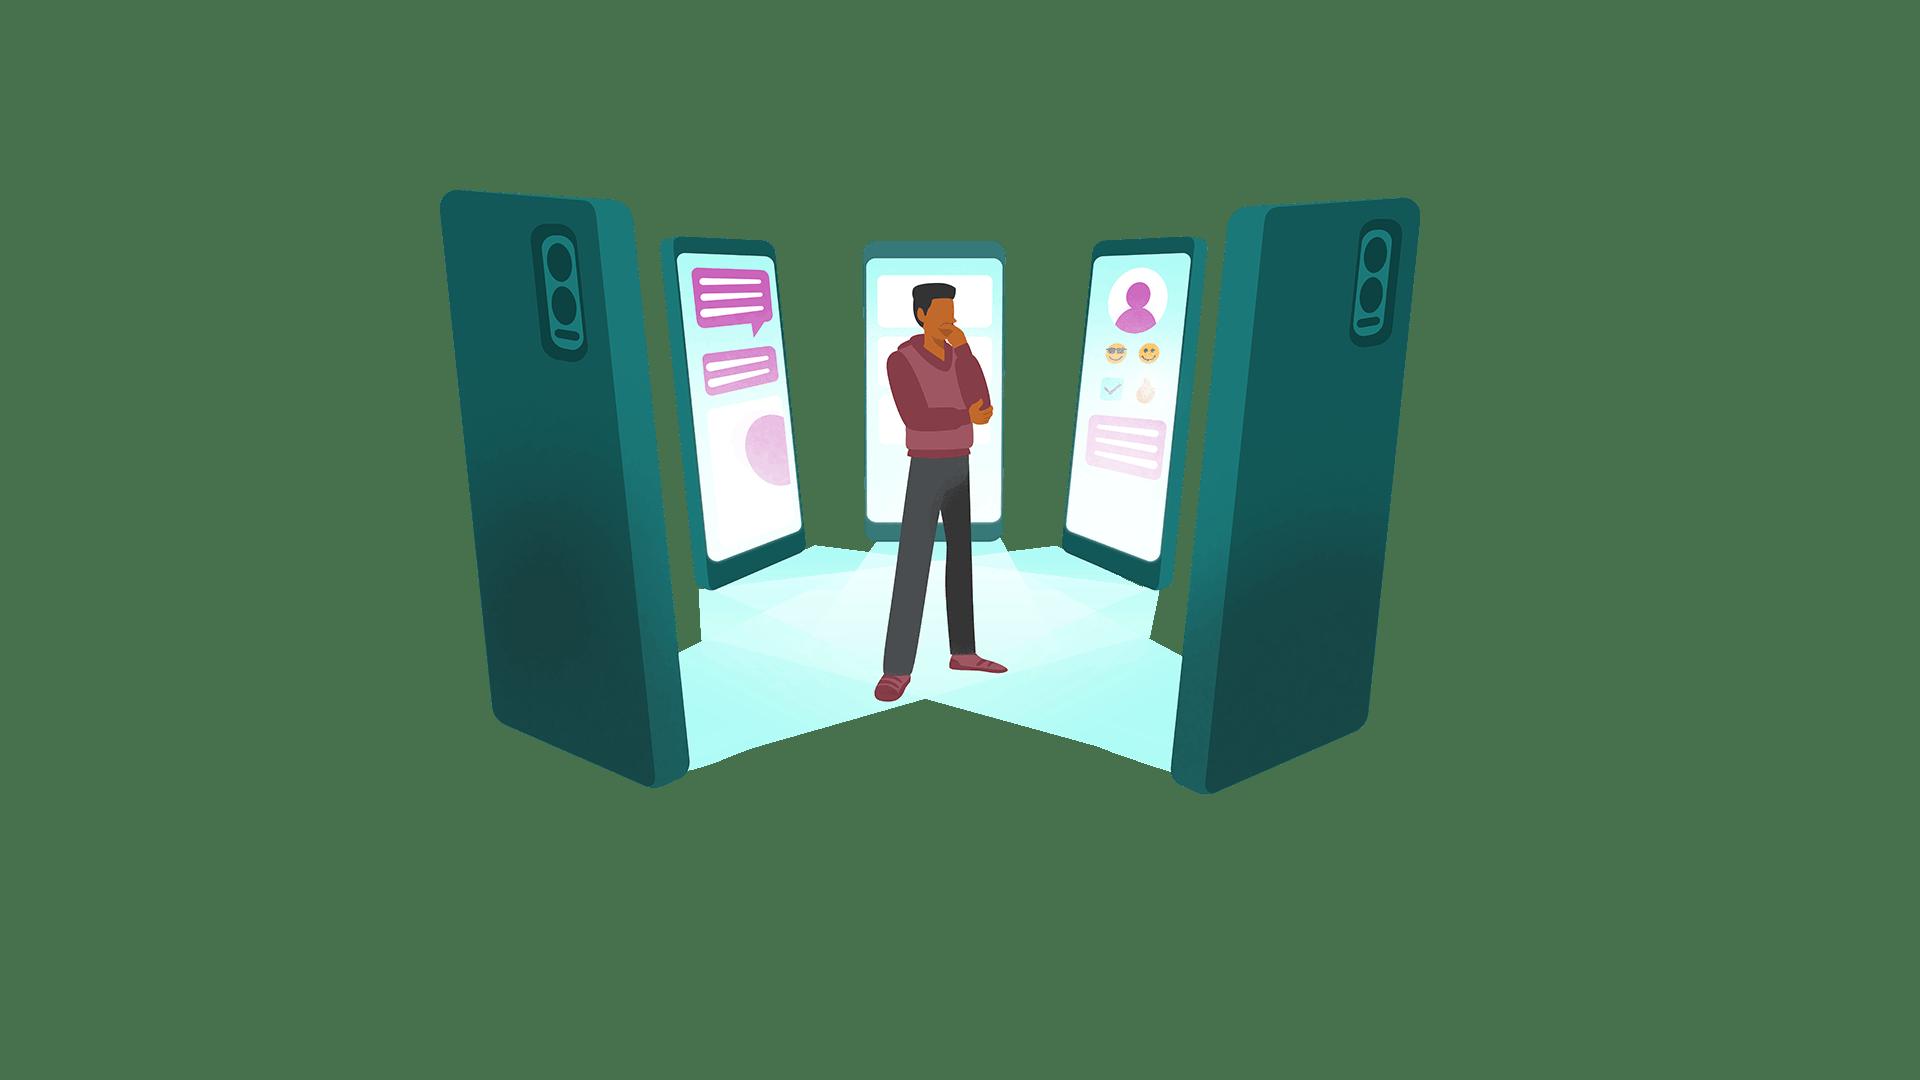 Illustration d'un homme au milieu de plusieurs applications